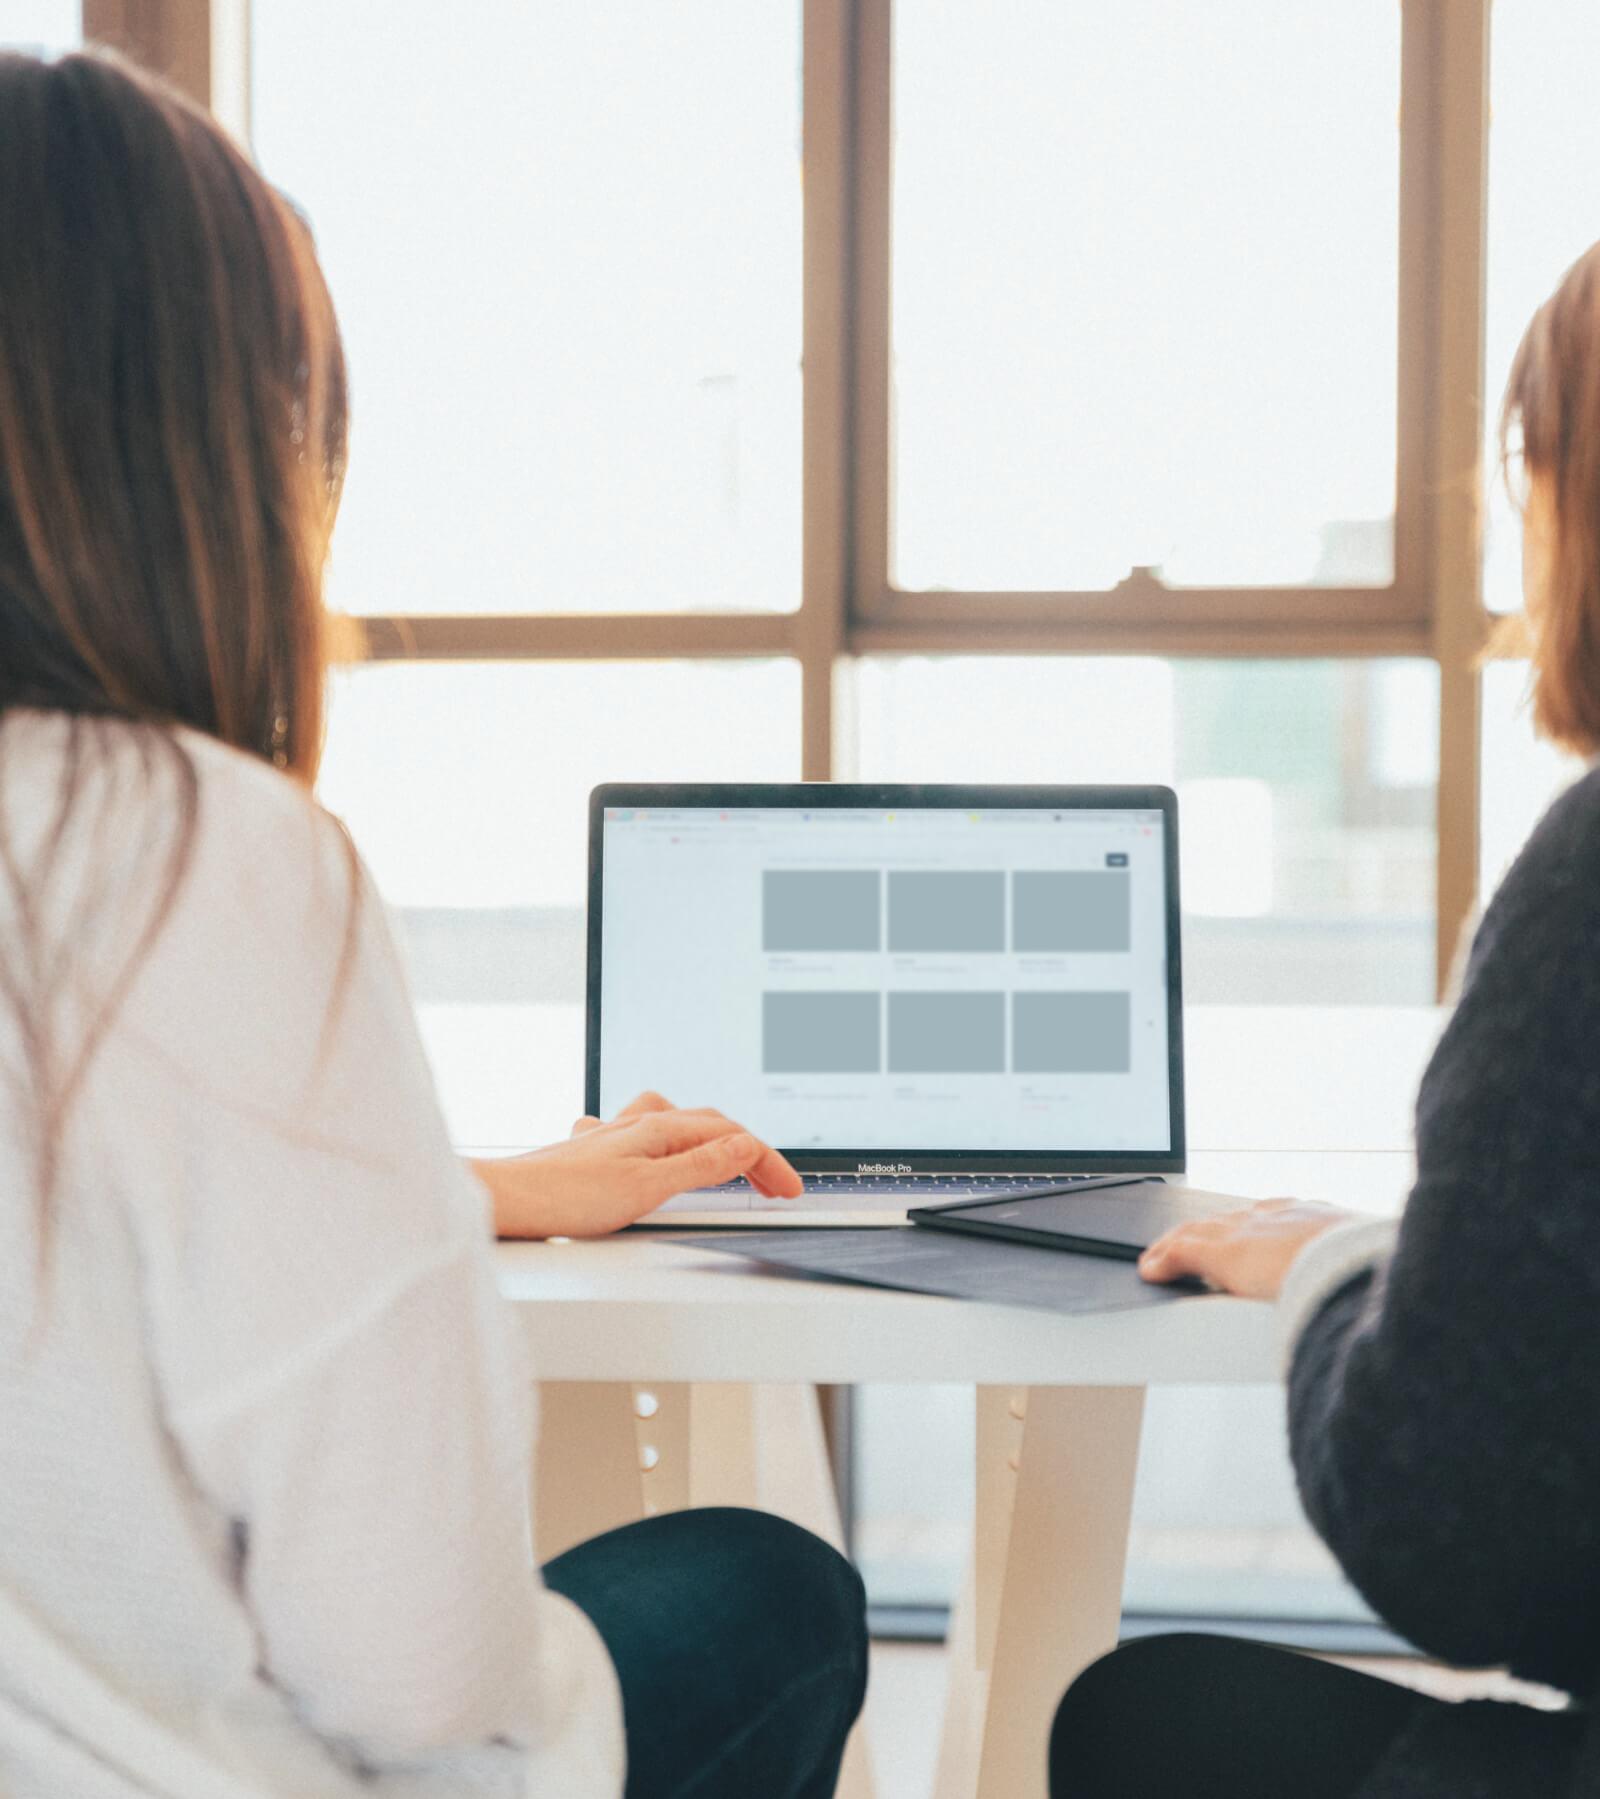 deux-femmes-integrent-des-applications-via-des-interfaces-de-bureau